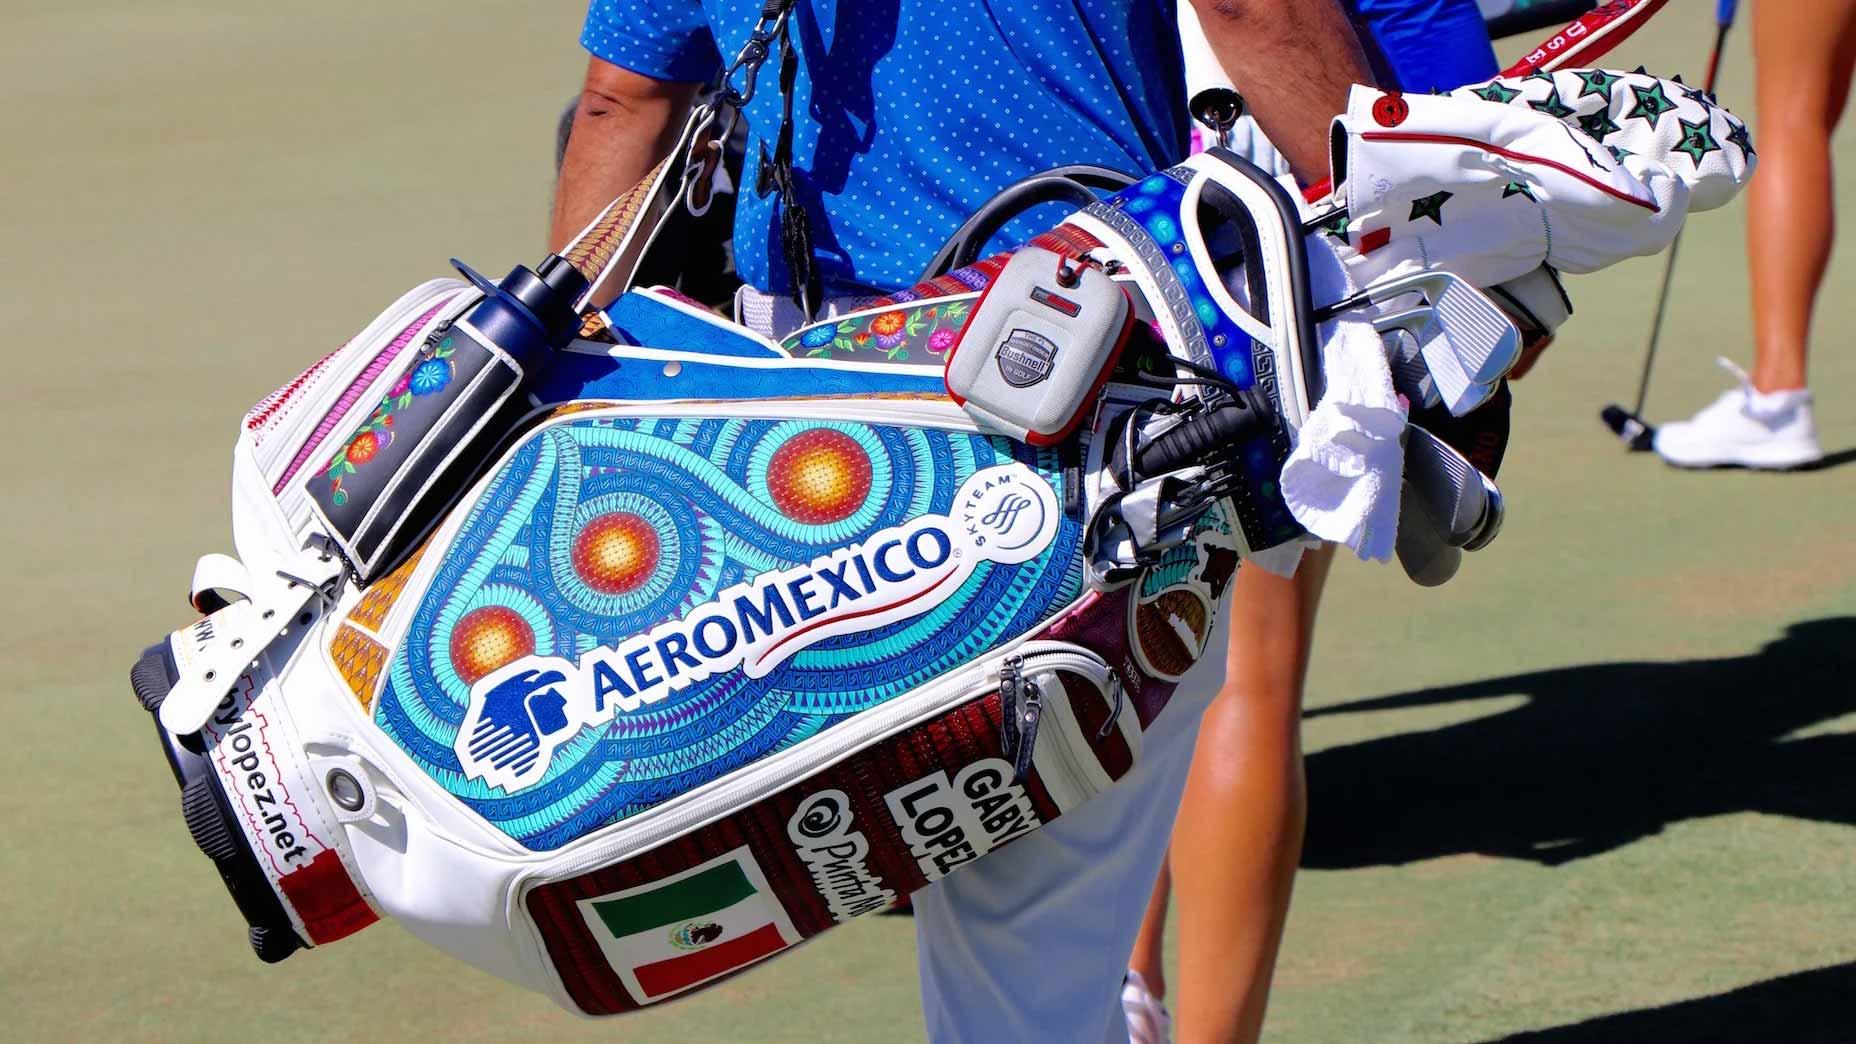 Golf bag at ANA Inspiration